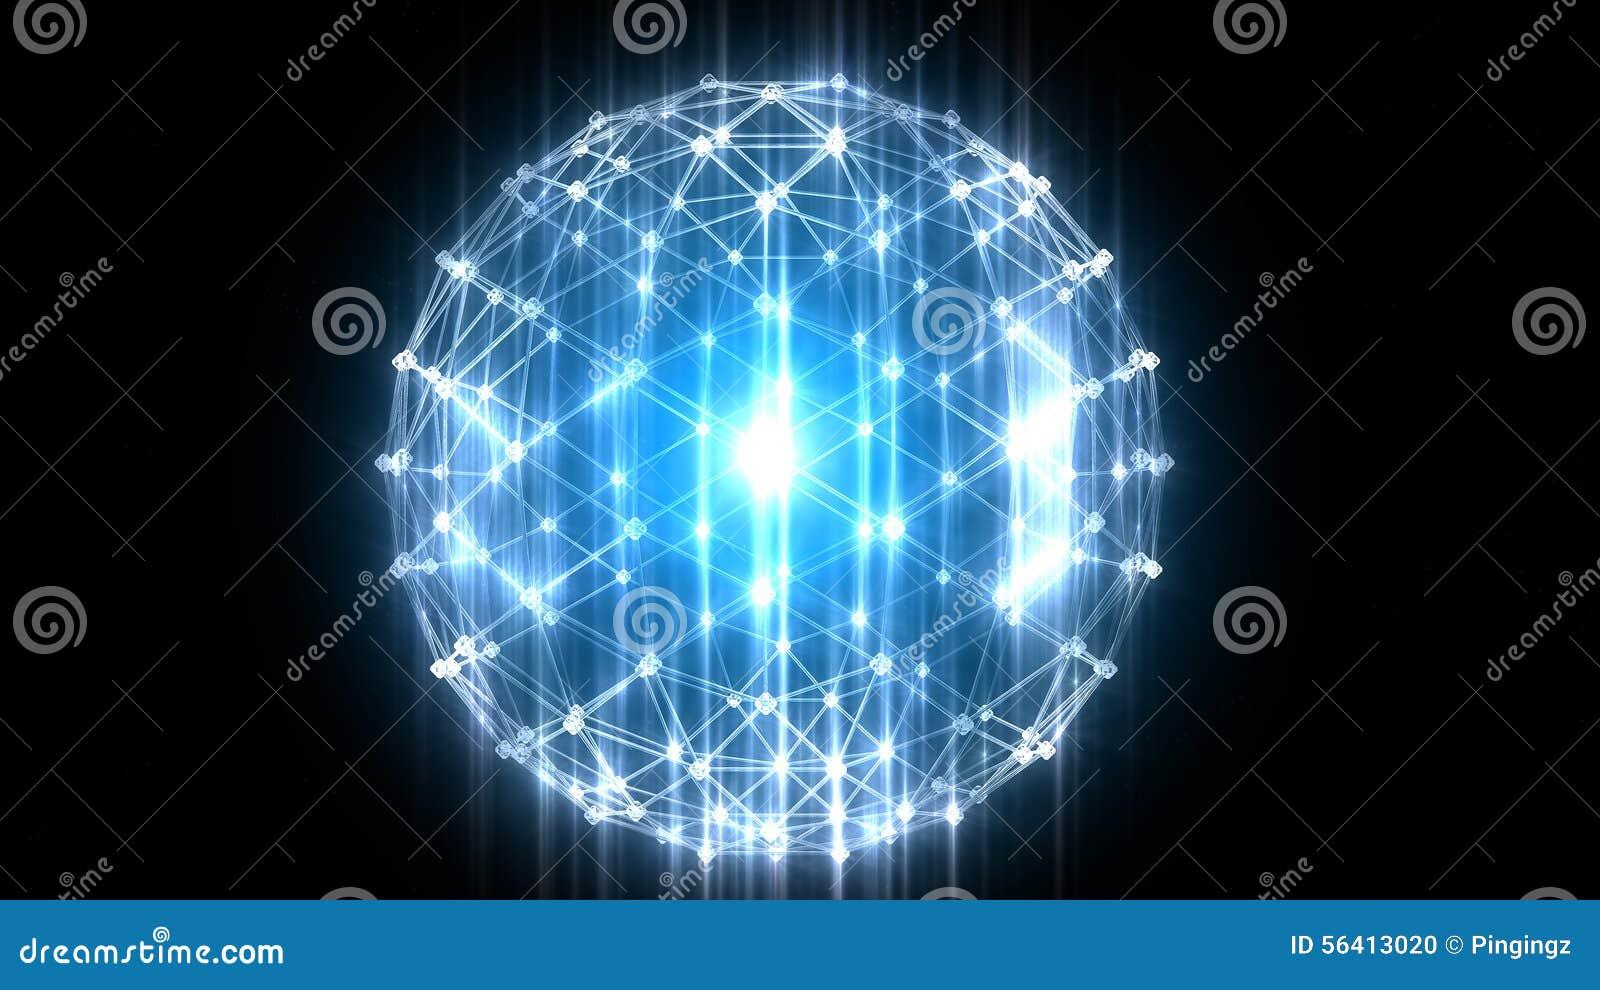 Orb effect glow flare